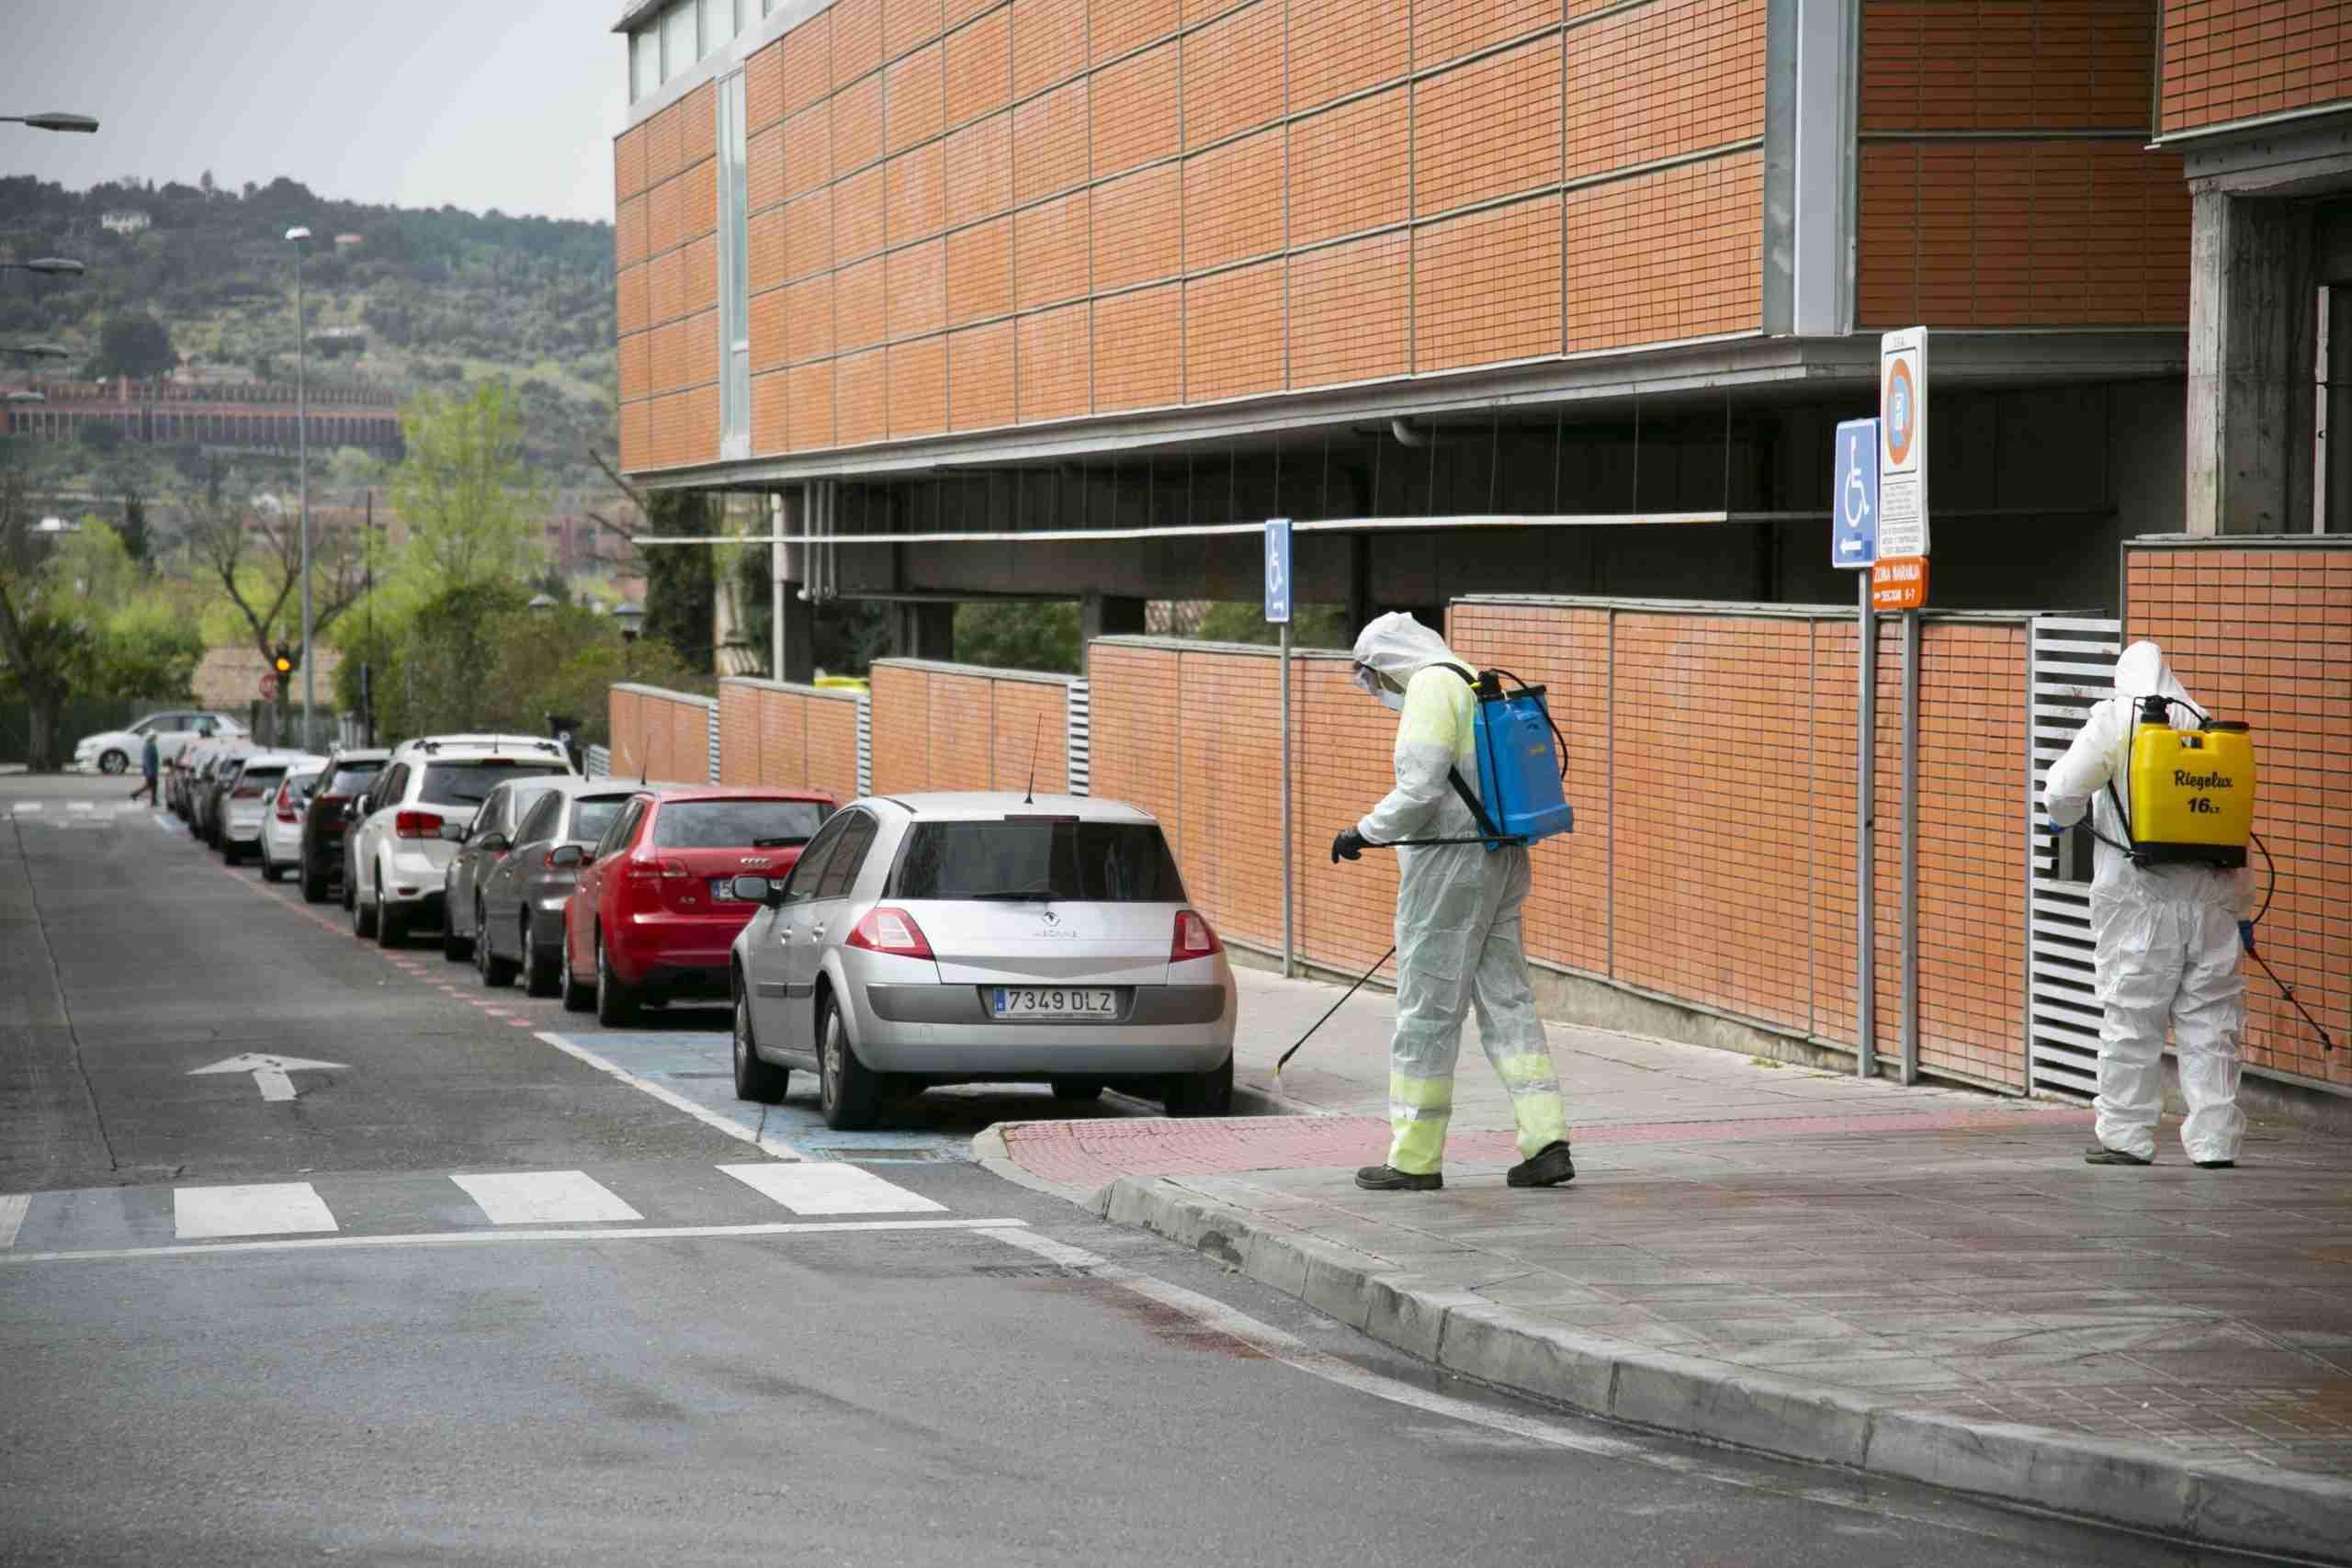 Toledo comienza la desinfección de la vía pública en centros sanitarios, farmacias, supermercados y colegios 4